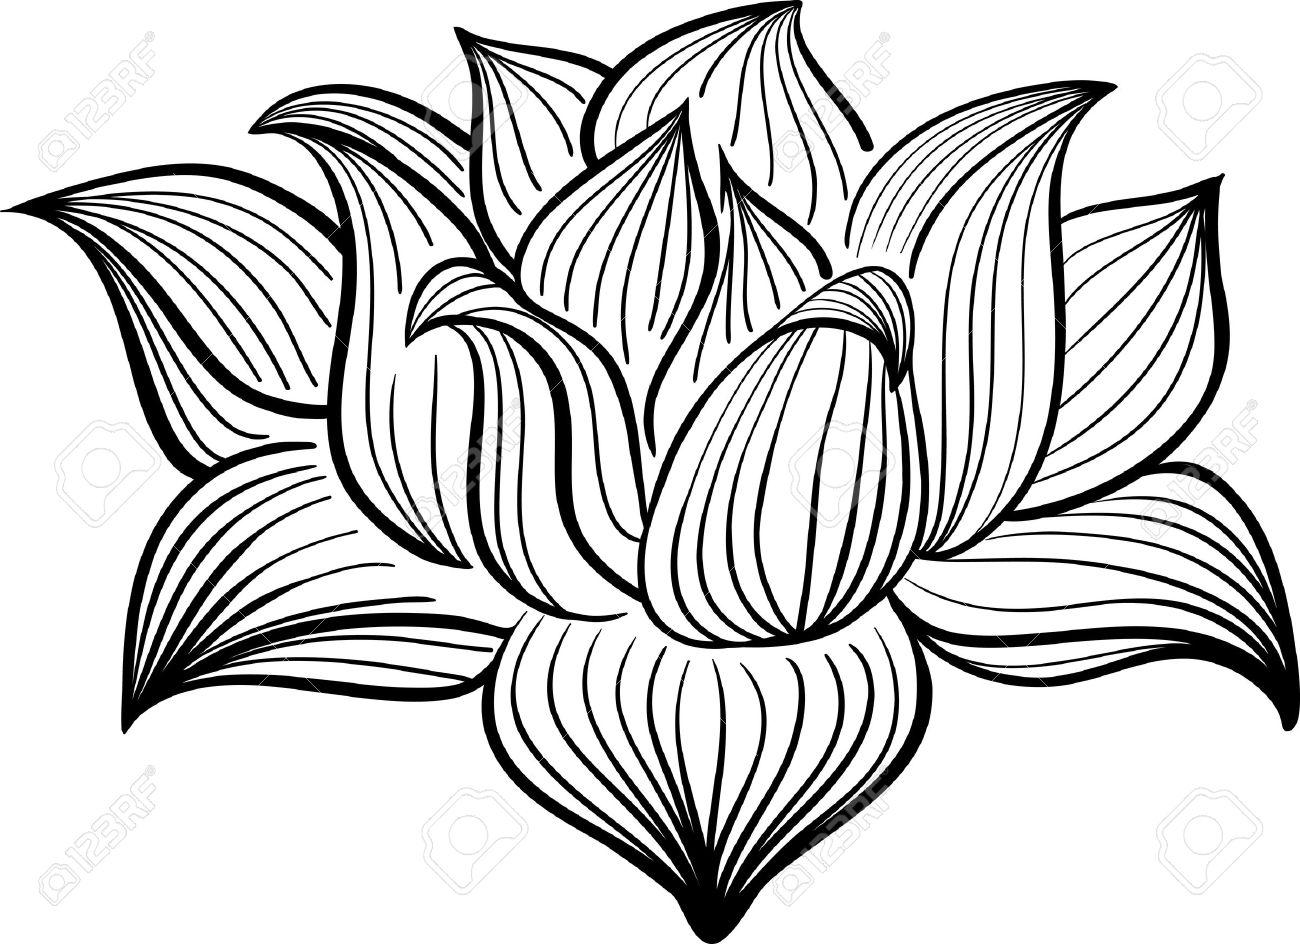 Vector Negro Y Flor De Loto Blanco Dibujado En El Estilo De Dibujo